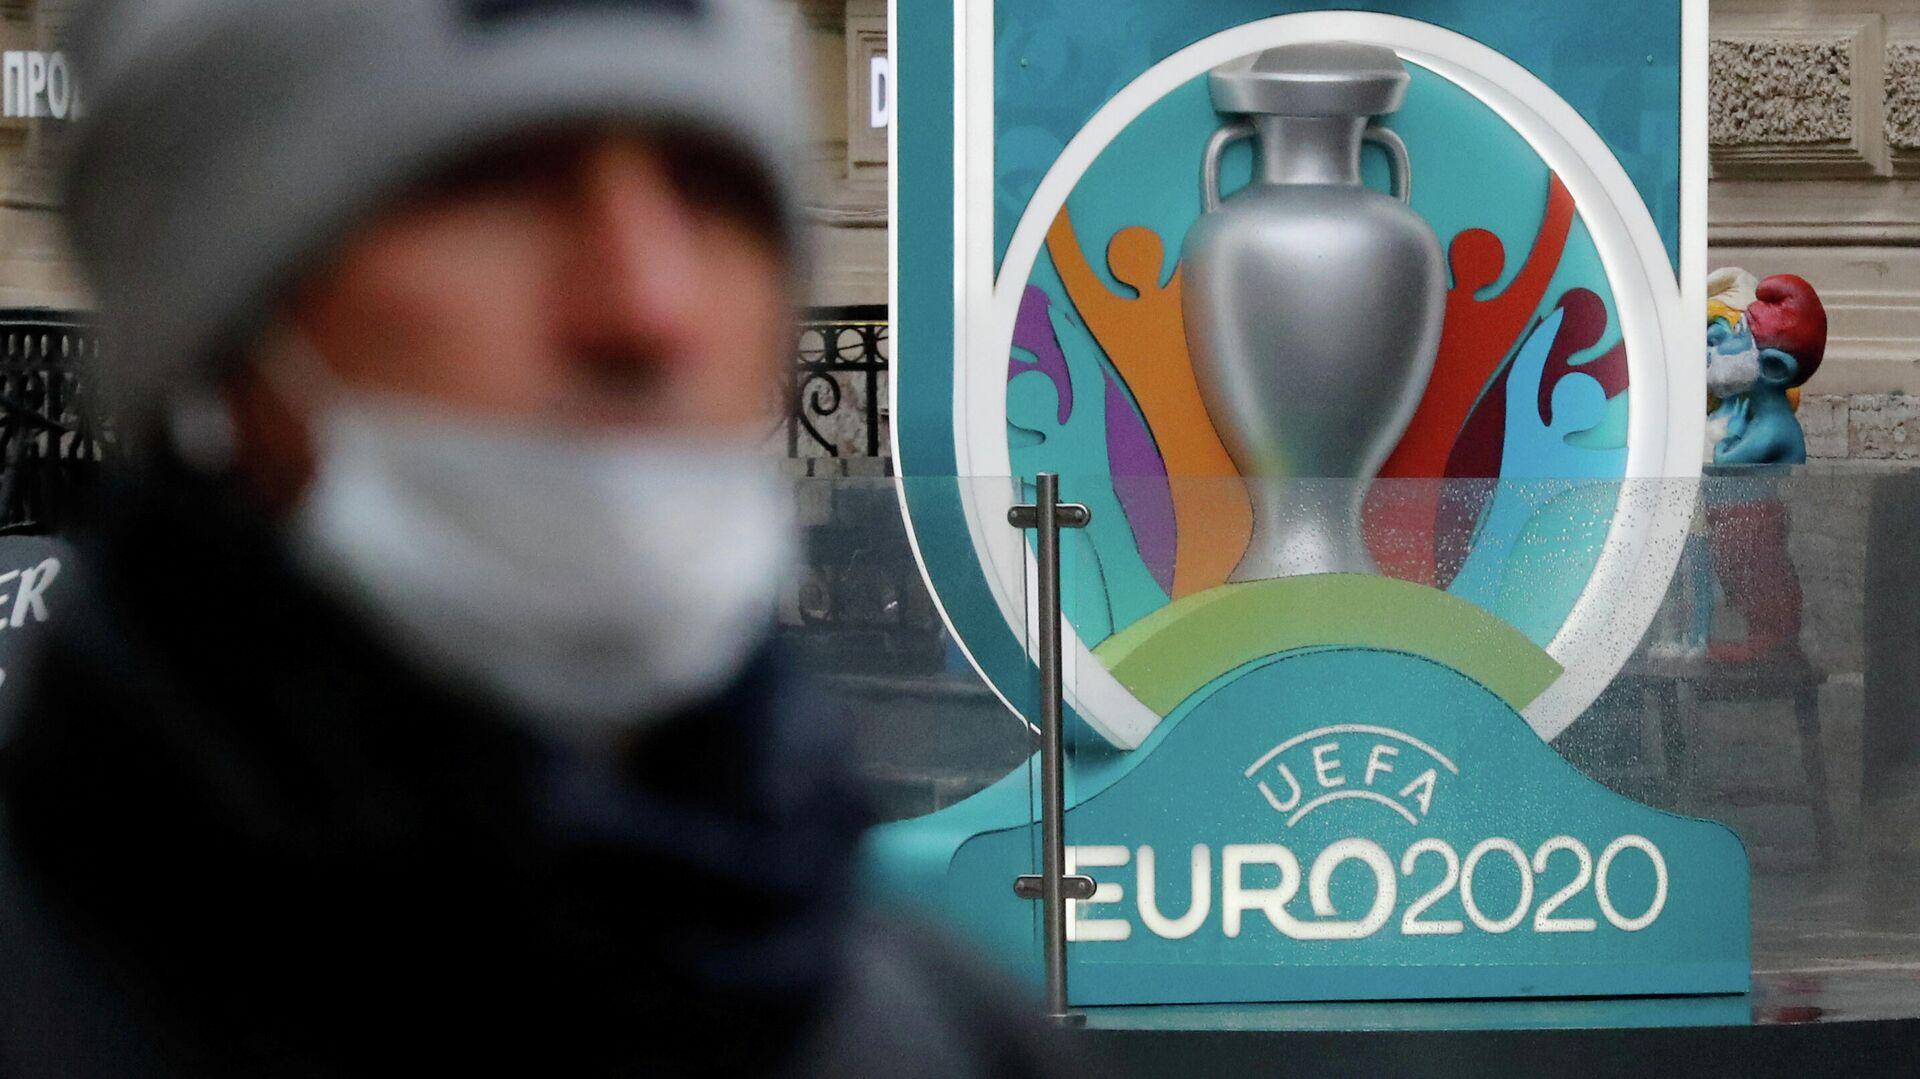 Человек в маске на фоне логотипа Евро-2020 - РИА Новости, 1920, 25.12.2020